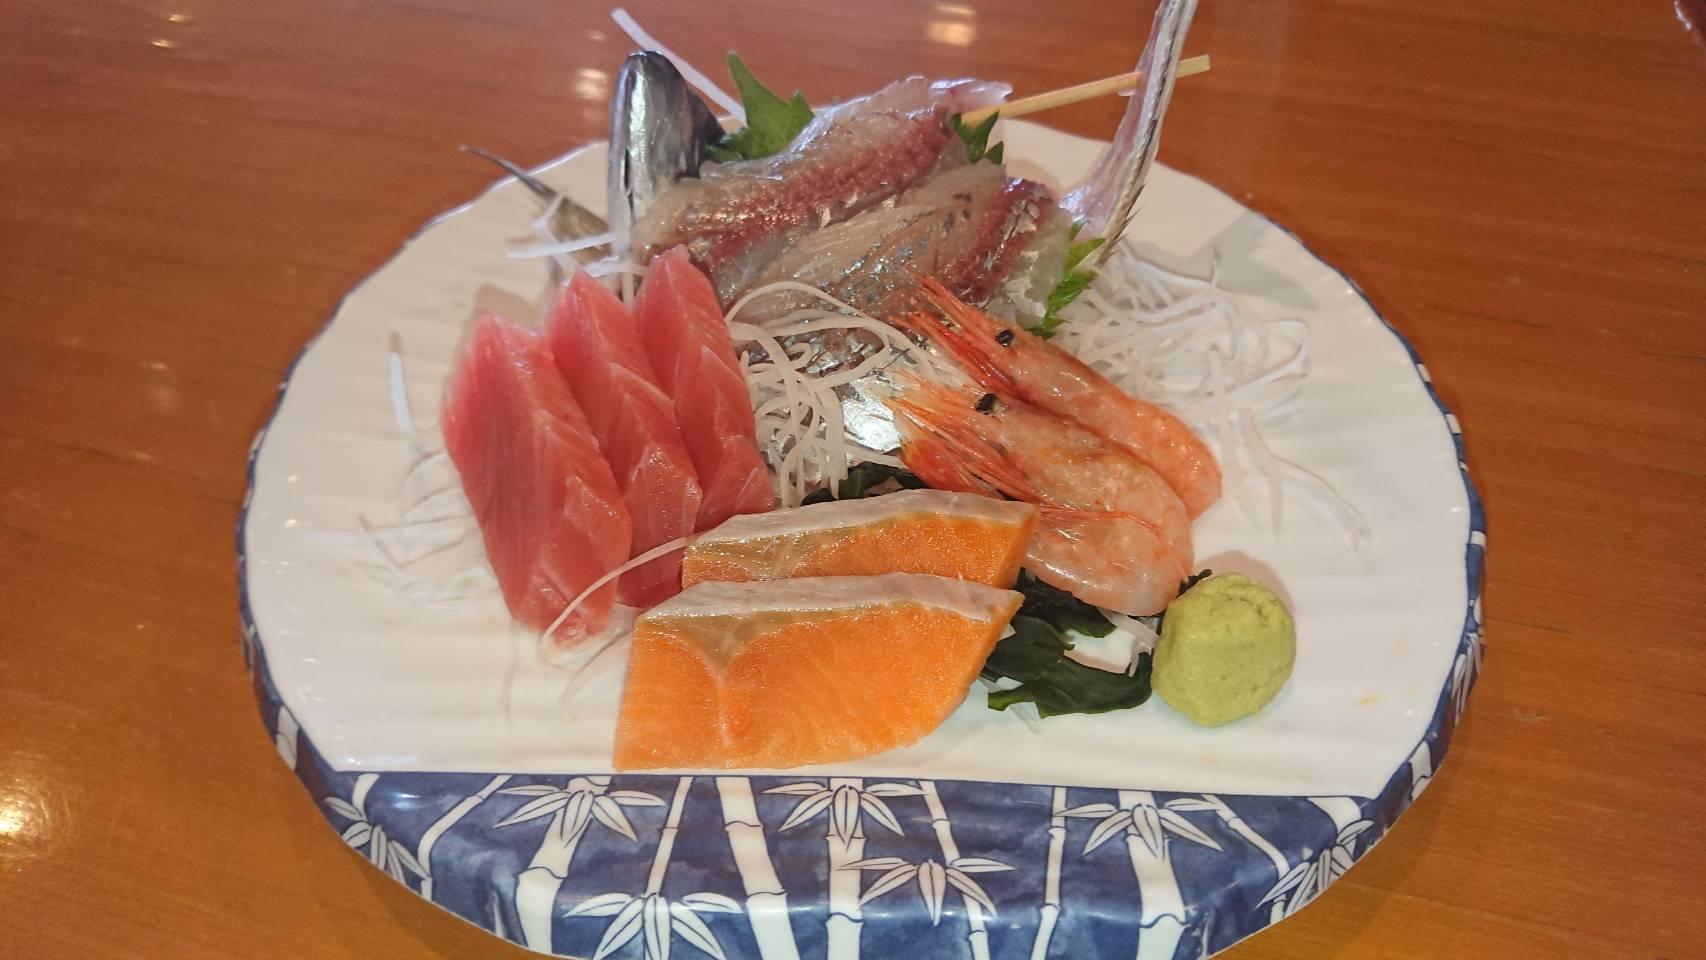 海の幸盛合せ大皿サービス!(大人/お一人様/1皿)